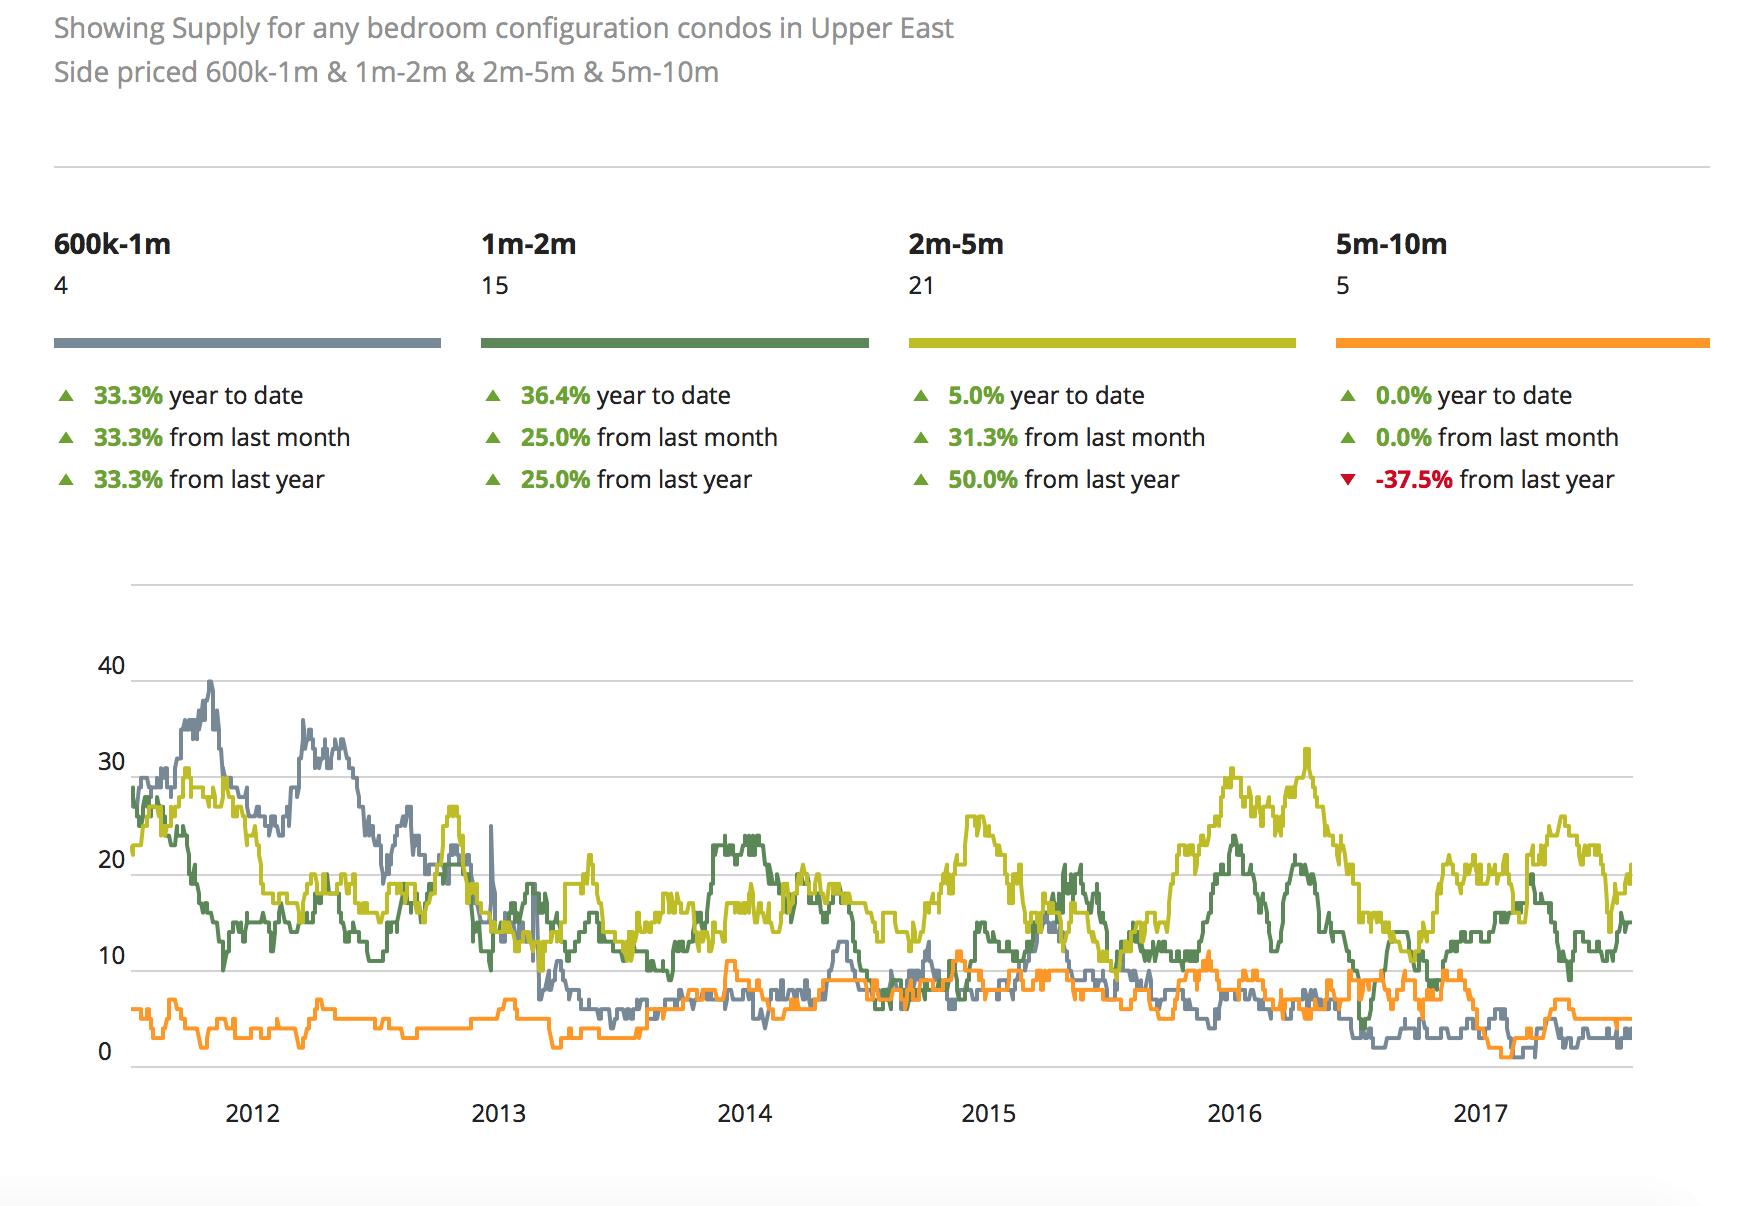 NYC preços do mercado imobiliário para Upper East Side